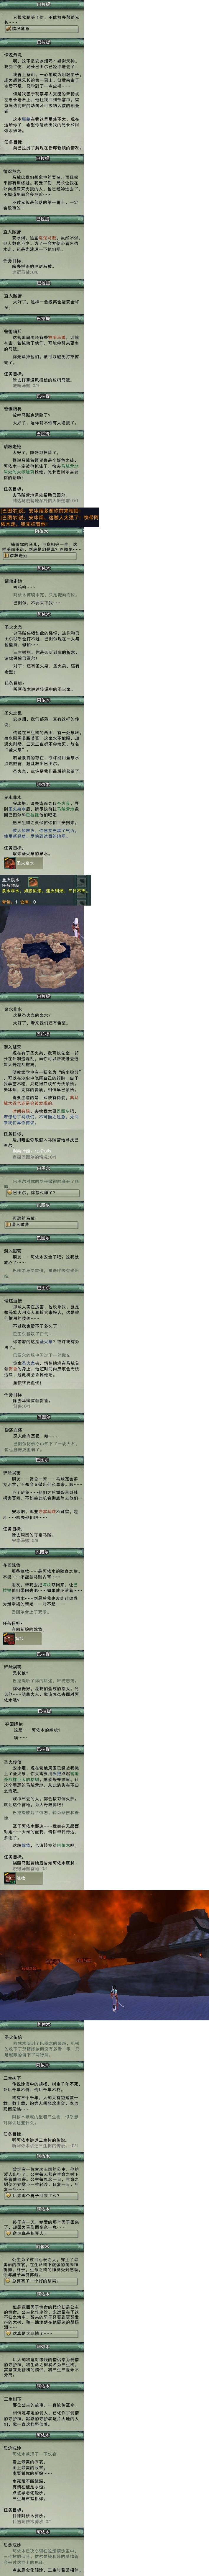 主线任务03 - 马贼营地 + 三生树.jpg